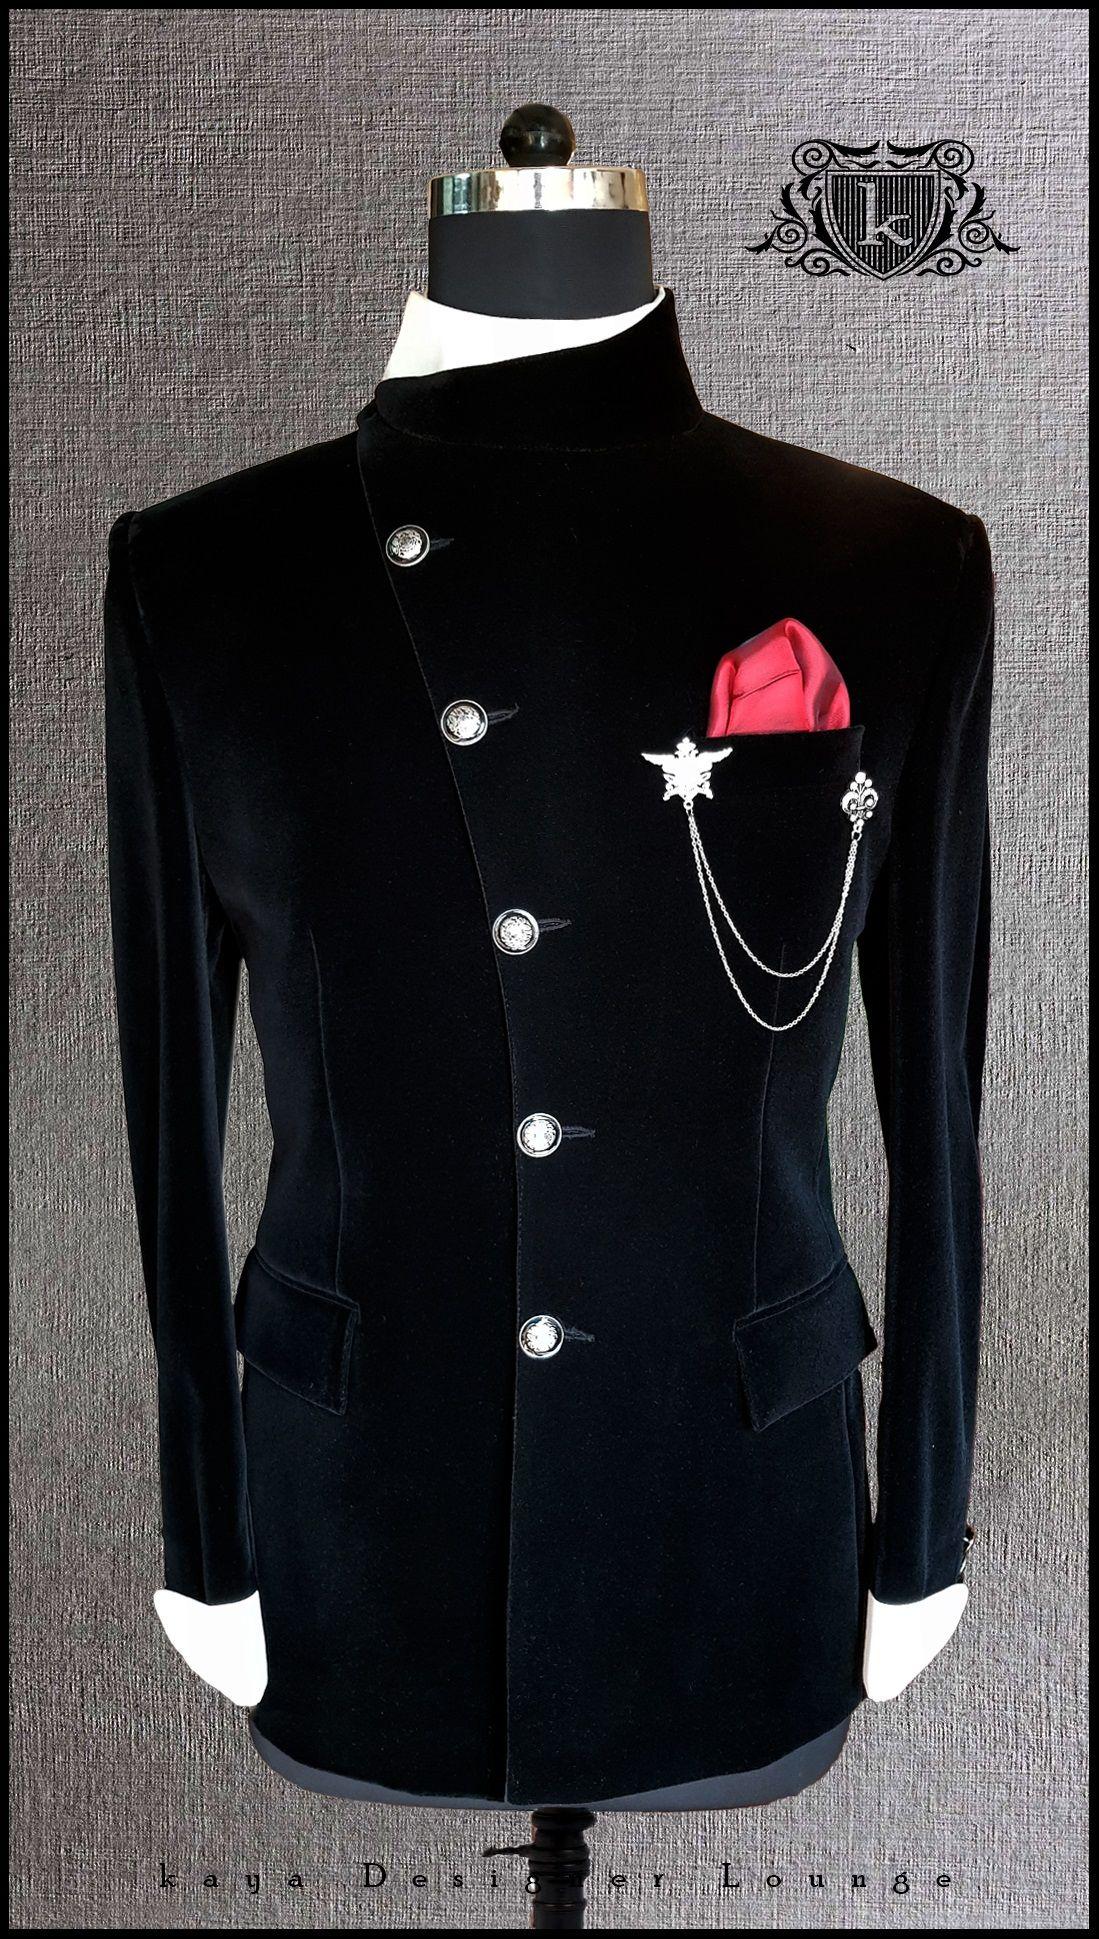 b45f4e92c67 Traditional Wear Jacket Traditional Jacket Jodhpuri Bandhgala Jodhpuri Suit  Ethnic Ethnic Jacket Pocket Square Mensfashion Designerwear